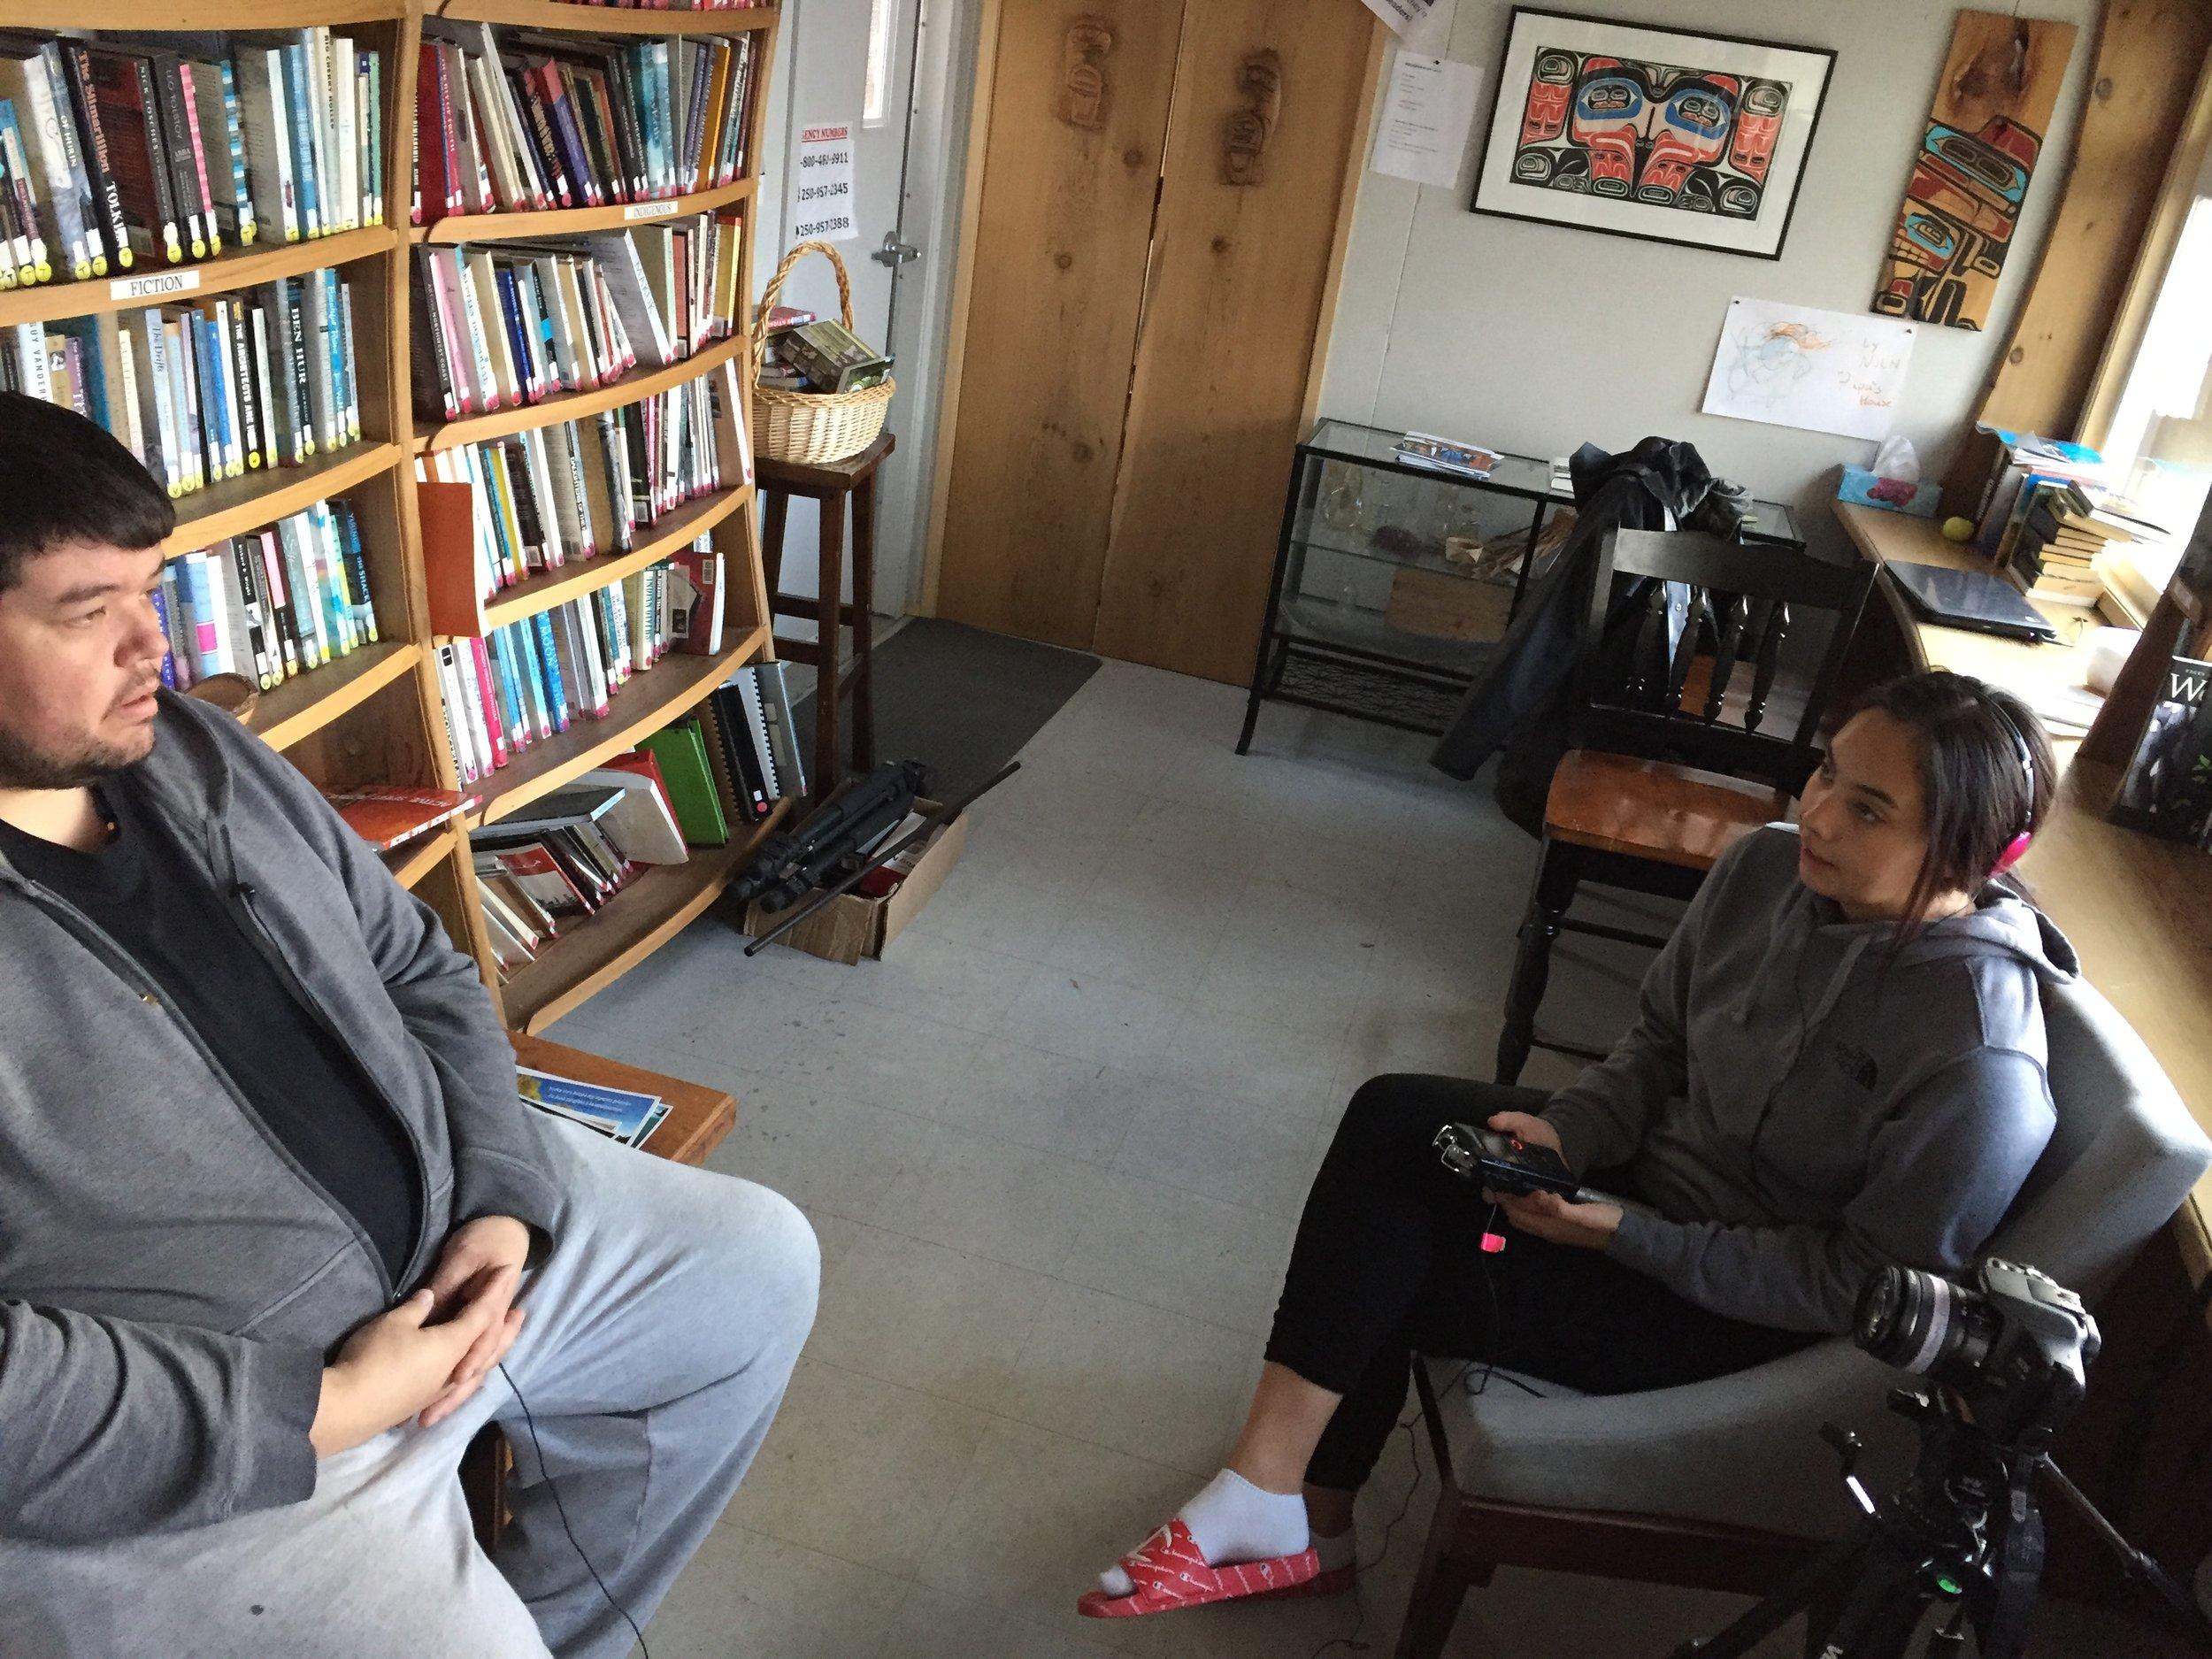 Eylssa interviews her dad